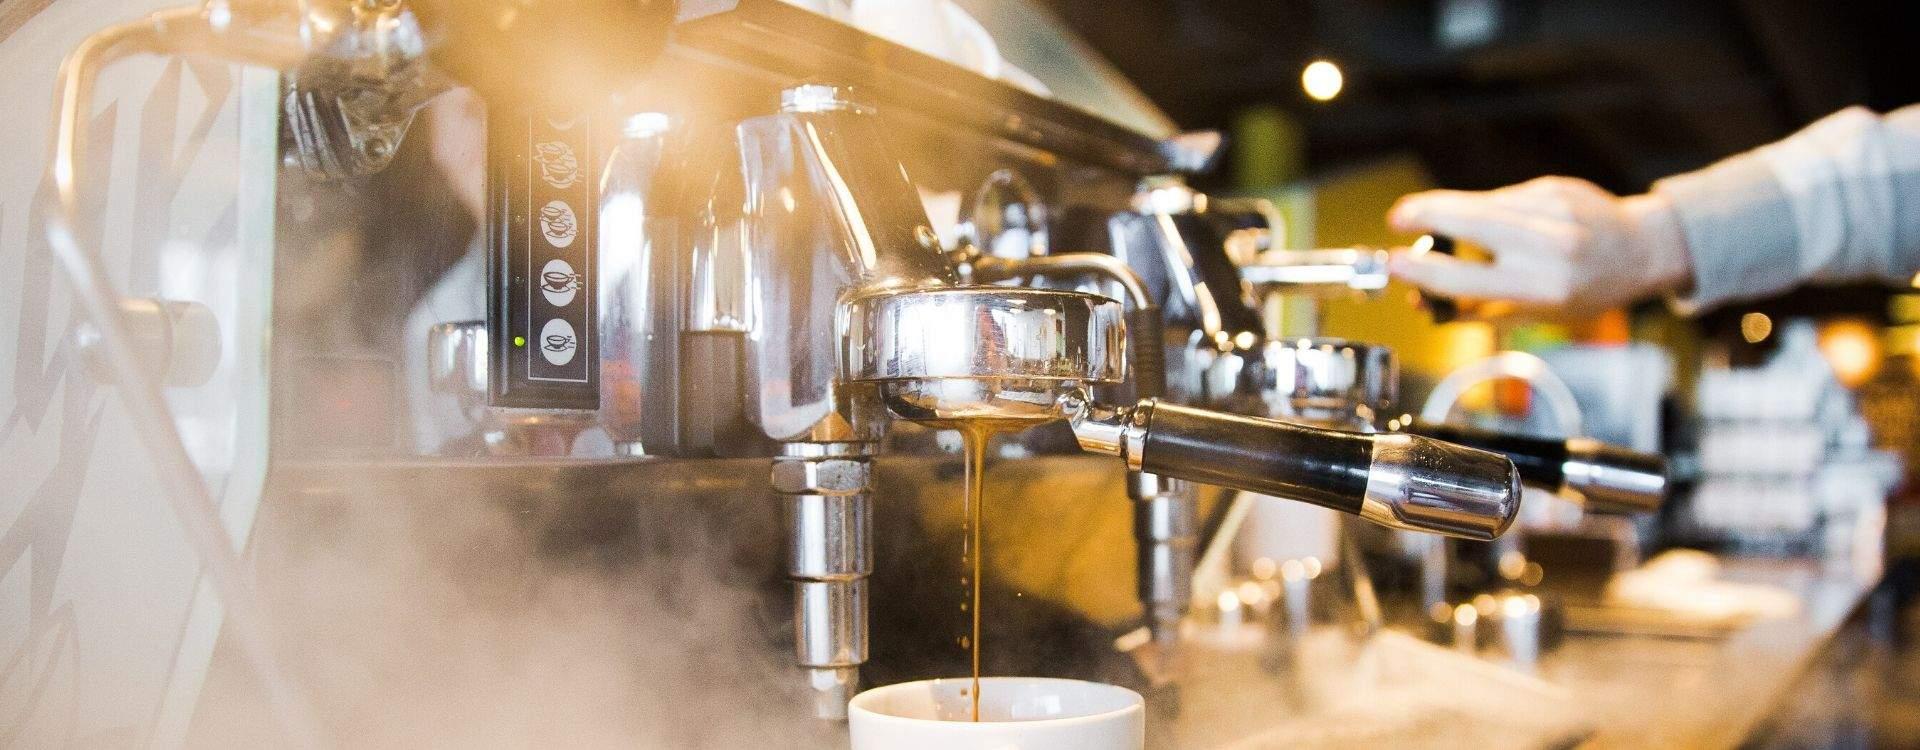 Espresso maken, een handleiding